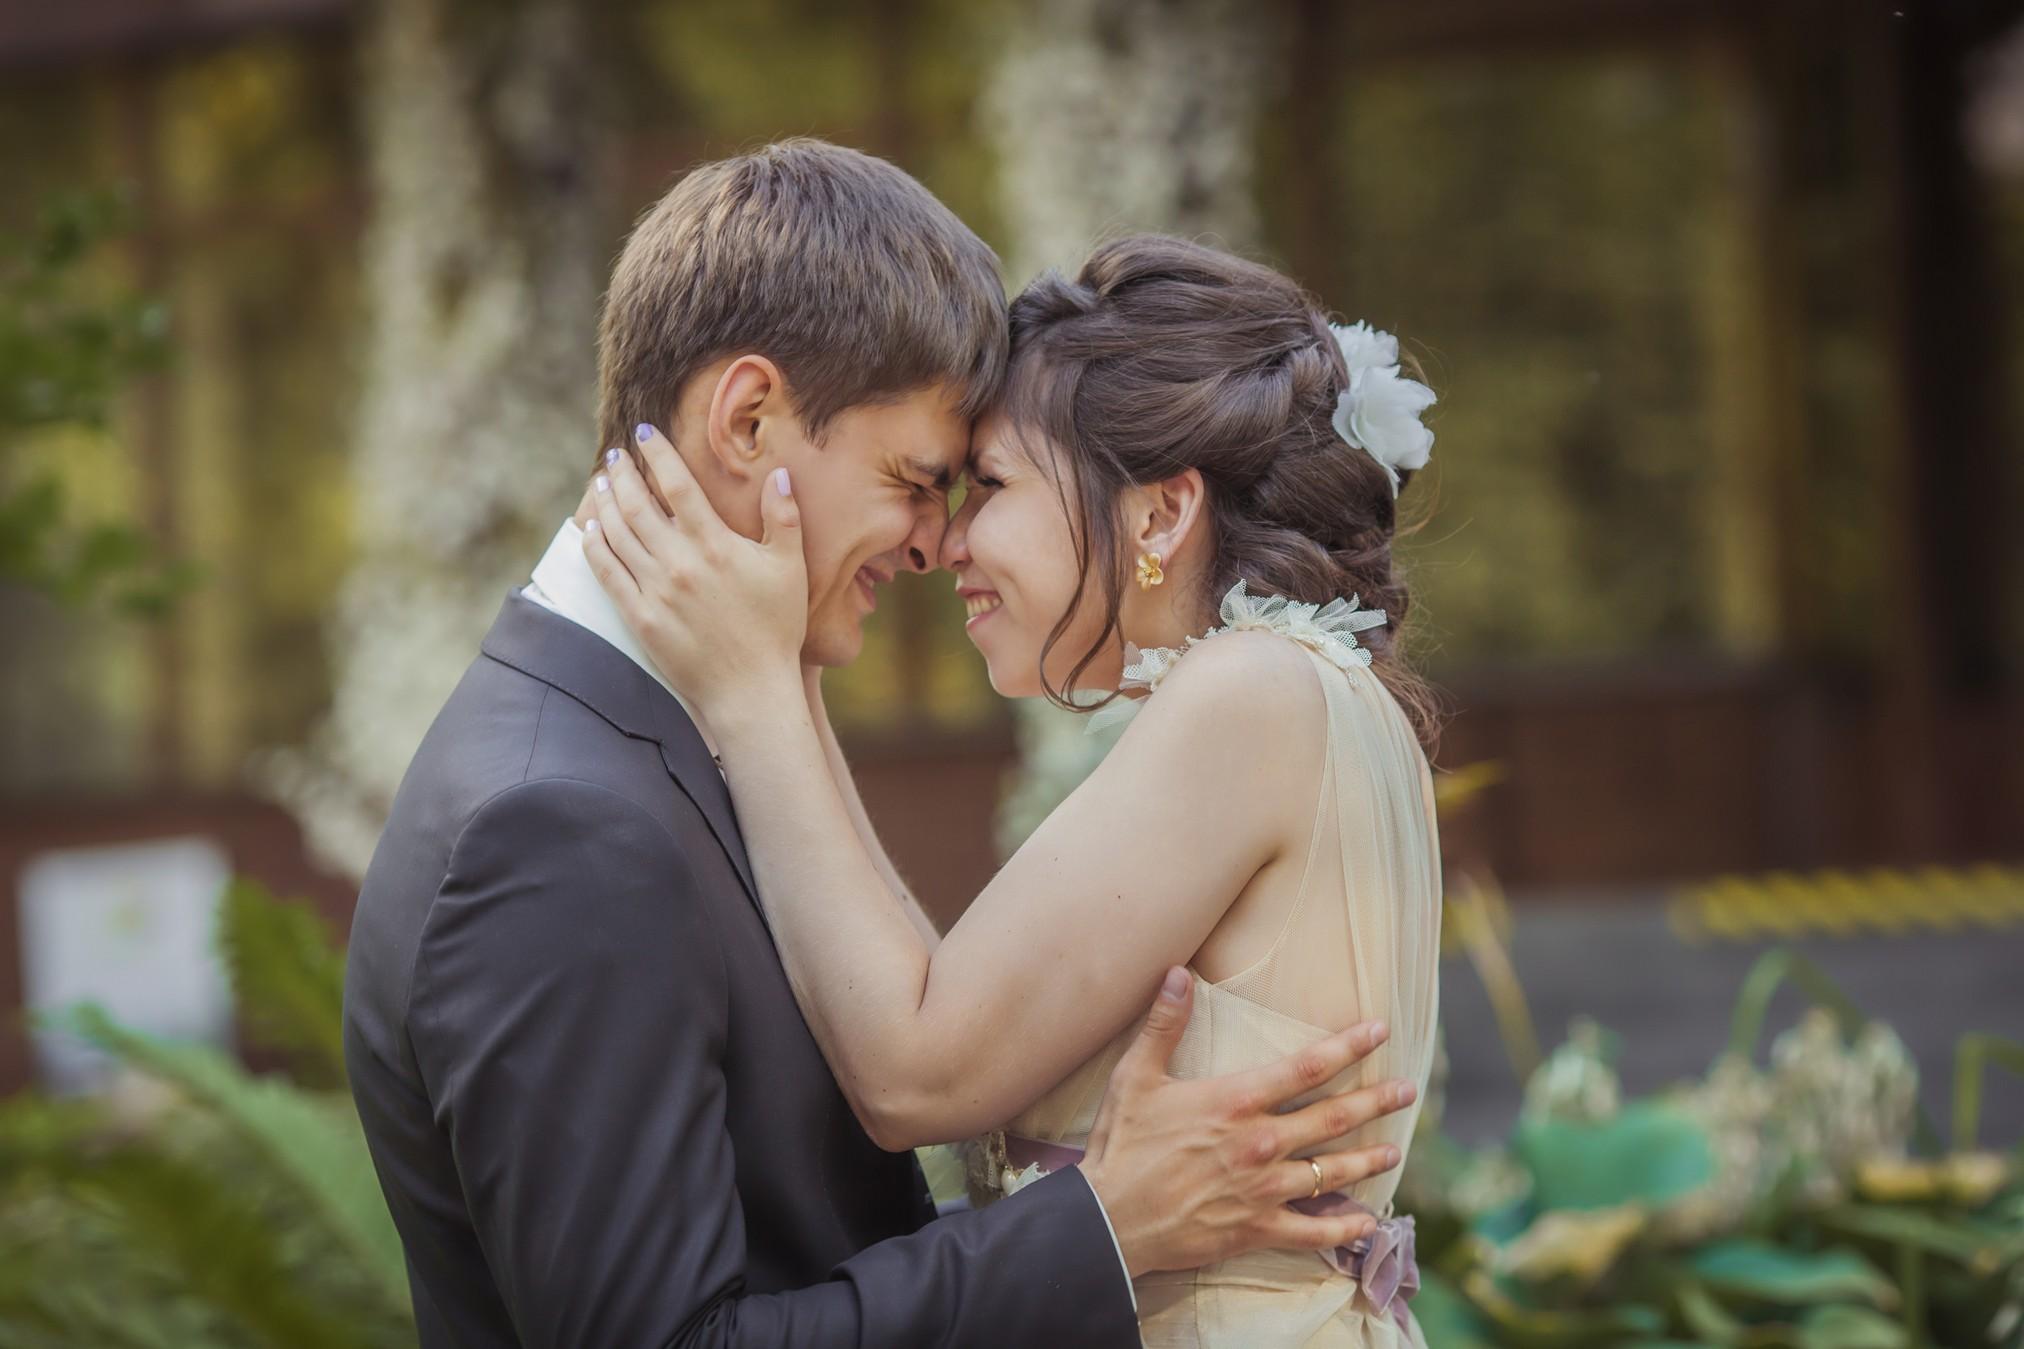 фотограф на свадьбу полная невеста